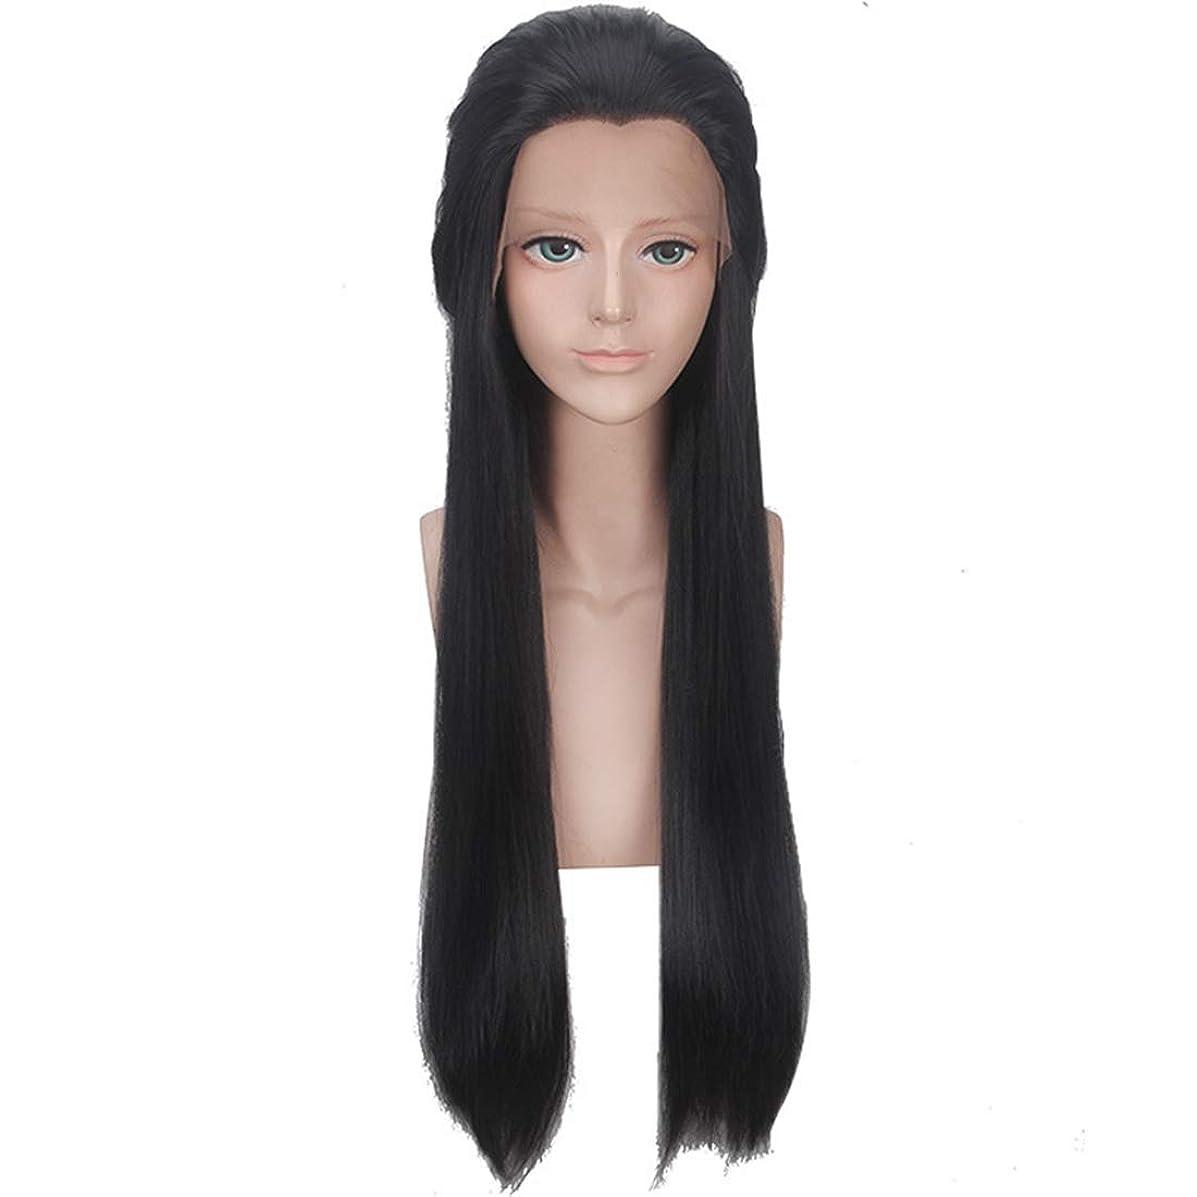 シソーラス長さ燃料BOBIDYEE ファッションかつら女性の黒の美しさの先のとがった長いストレートの髪化学繊維フロントレースかつら合成髪レースのかつらロールプレイングかつら (色 : 黒)